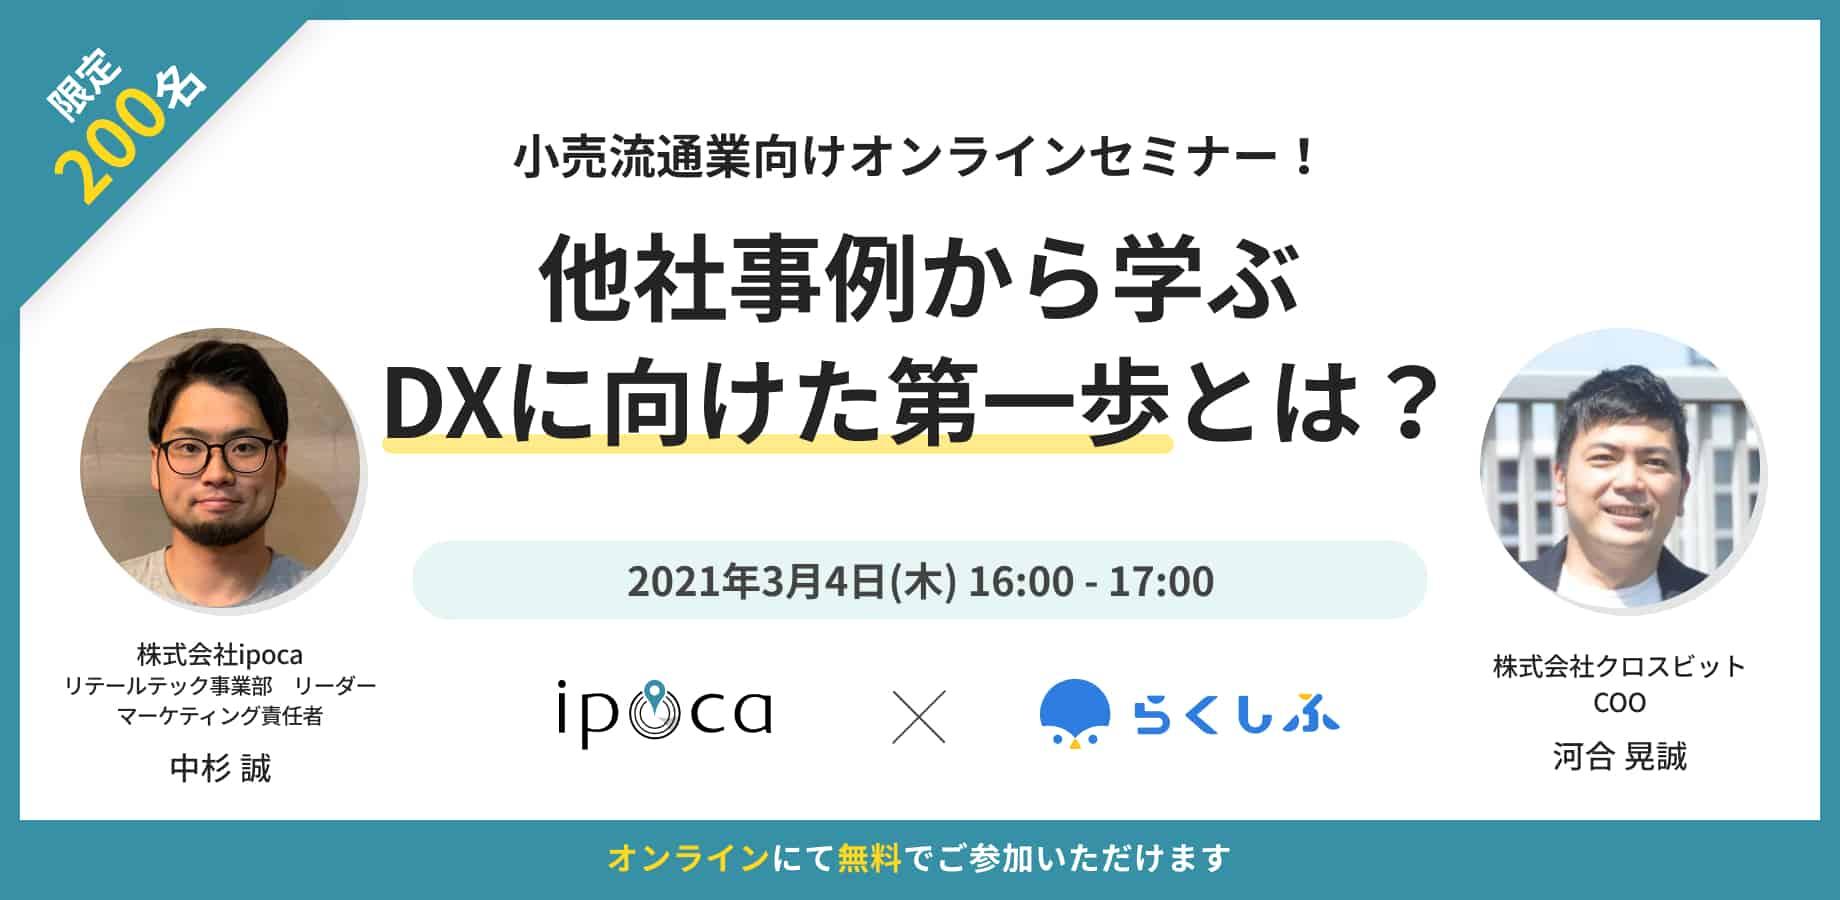 3/4(木) 株式会社クロスビット×株式会社ipoca共催ウェビナー 『他社事例から学ぶDXに向けた第一歩とは?』